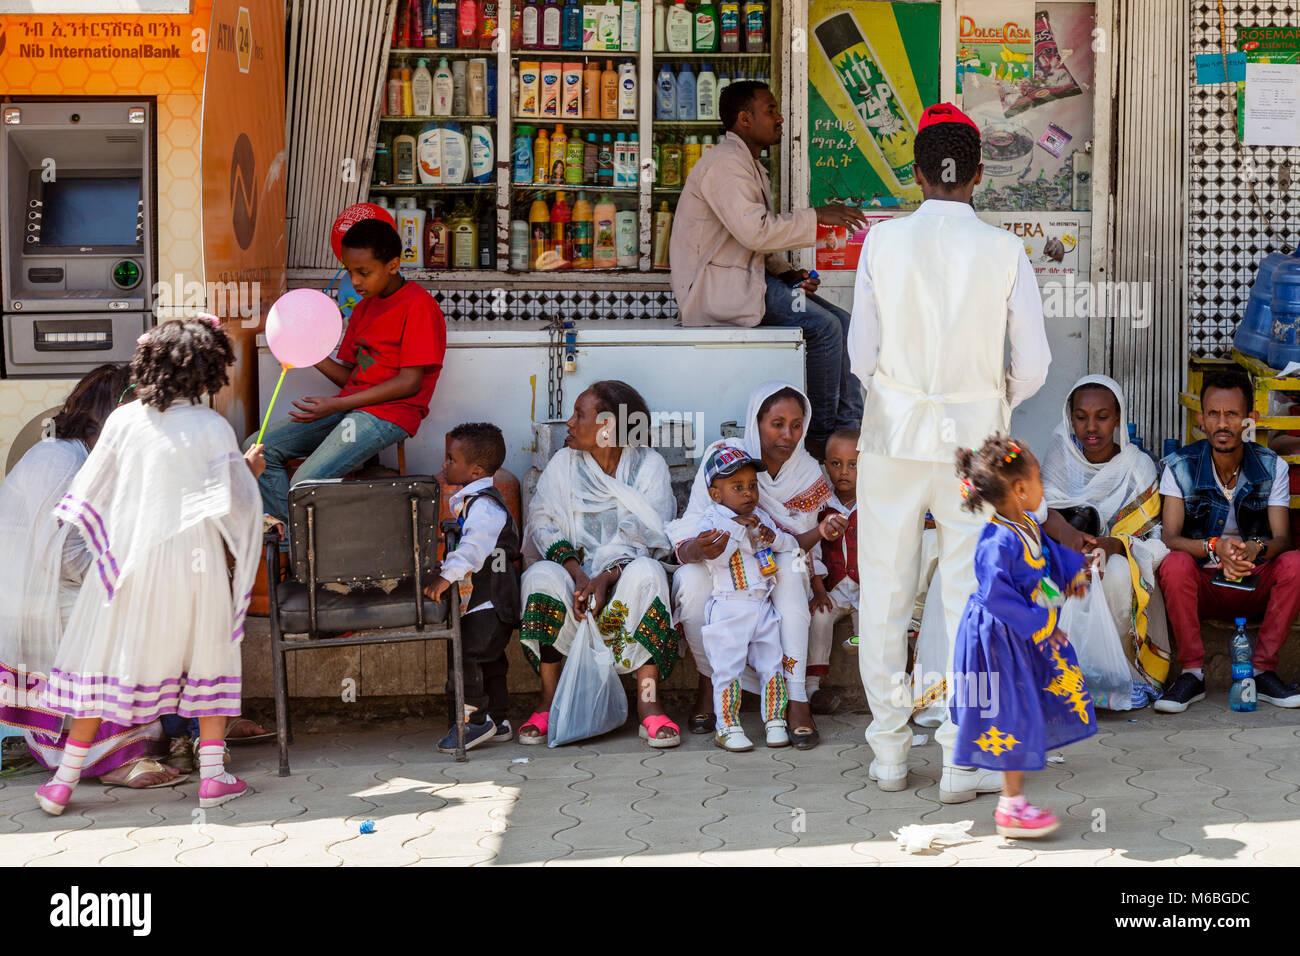 Kansai Shops Ababa Addis Ethiopia In Sex